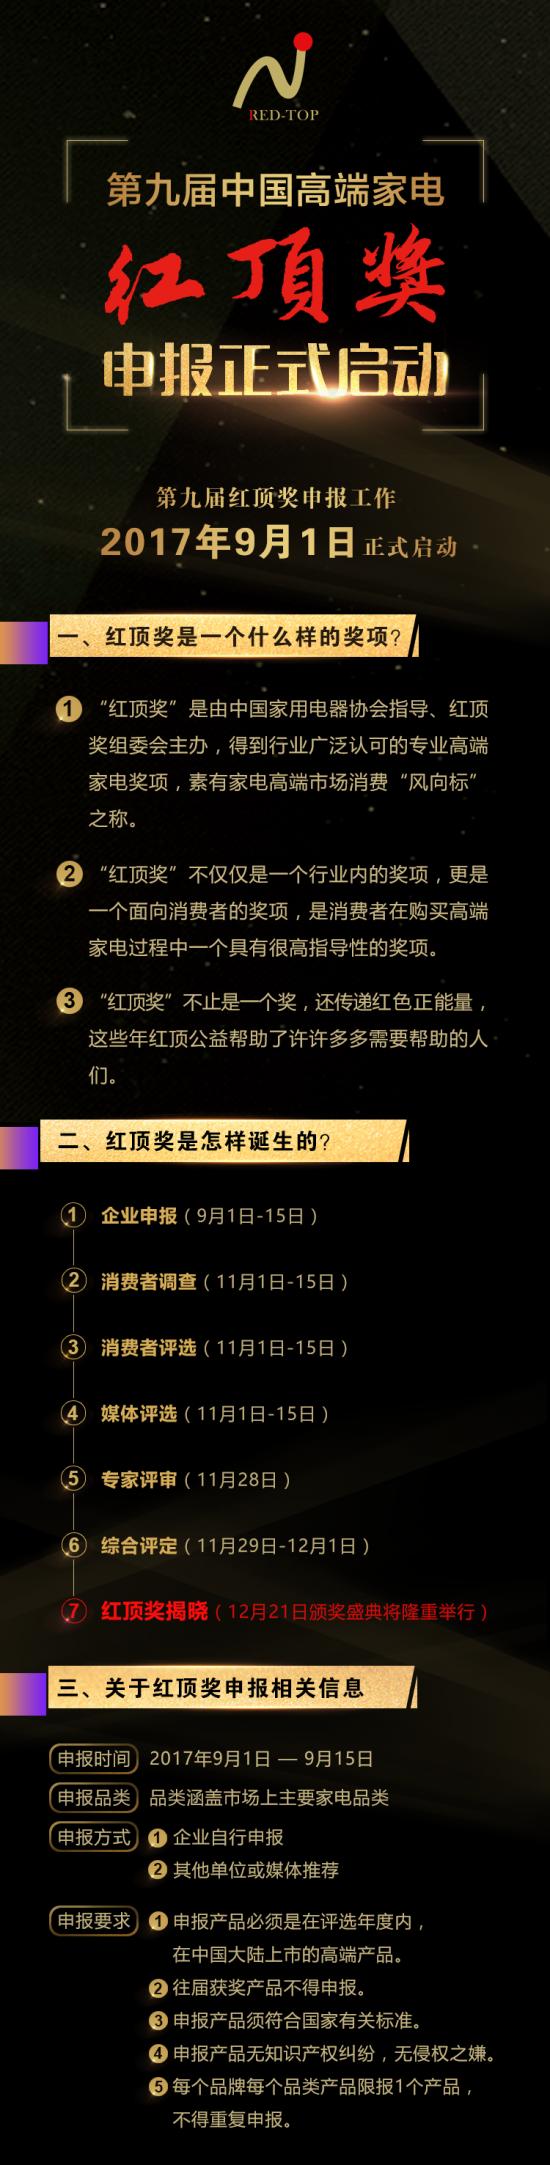 第九届中国高端家电红顶奖申报启动